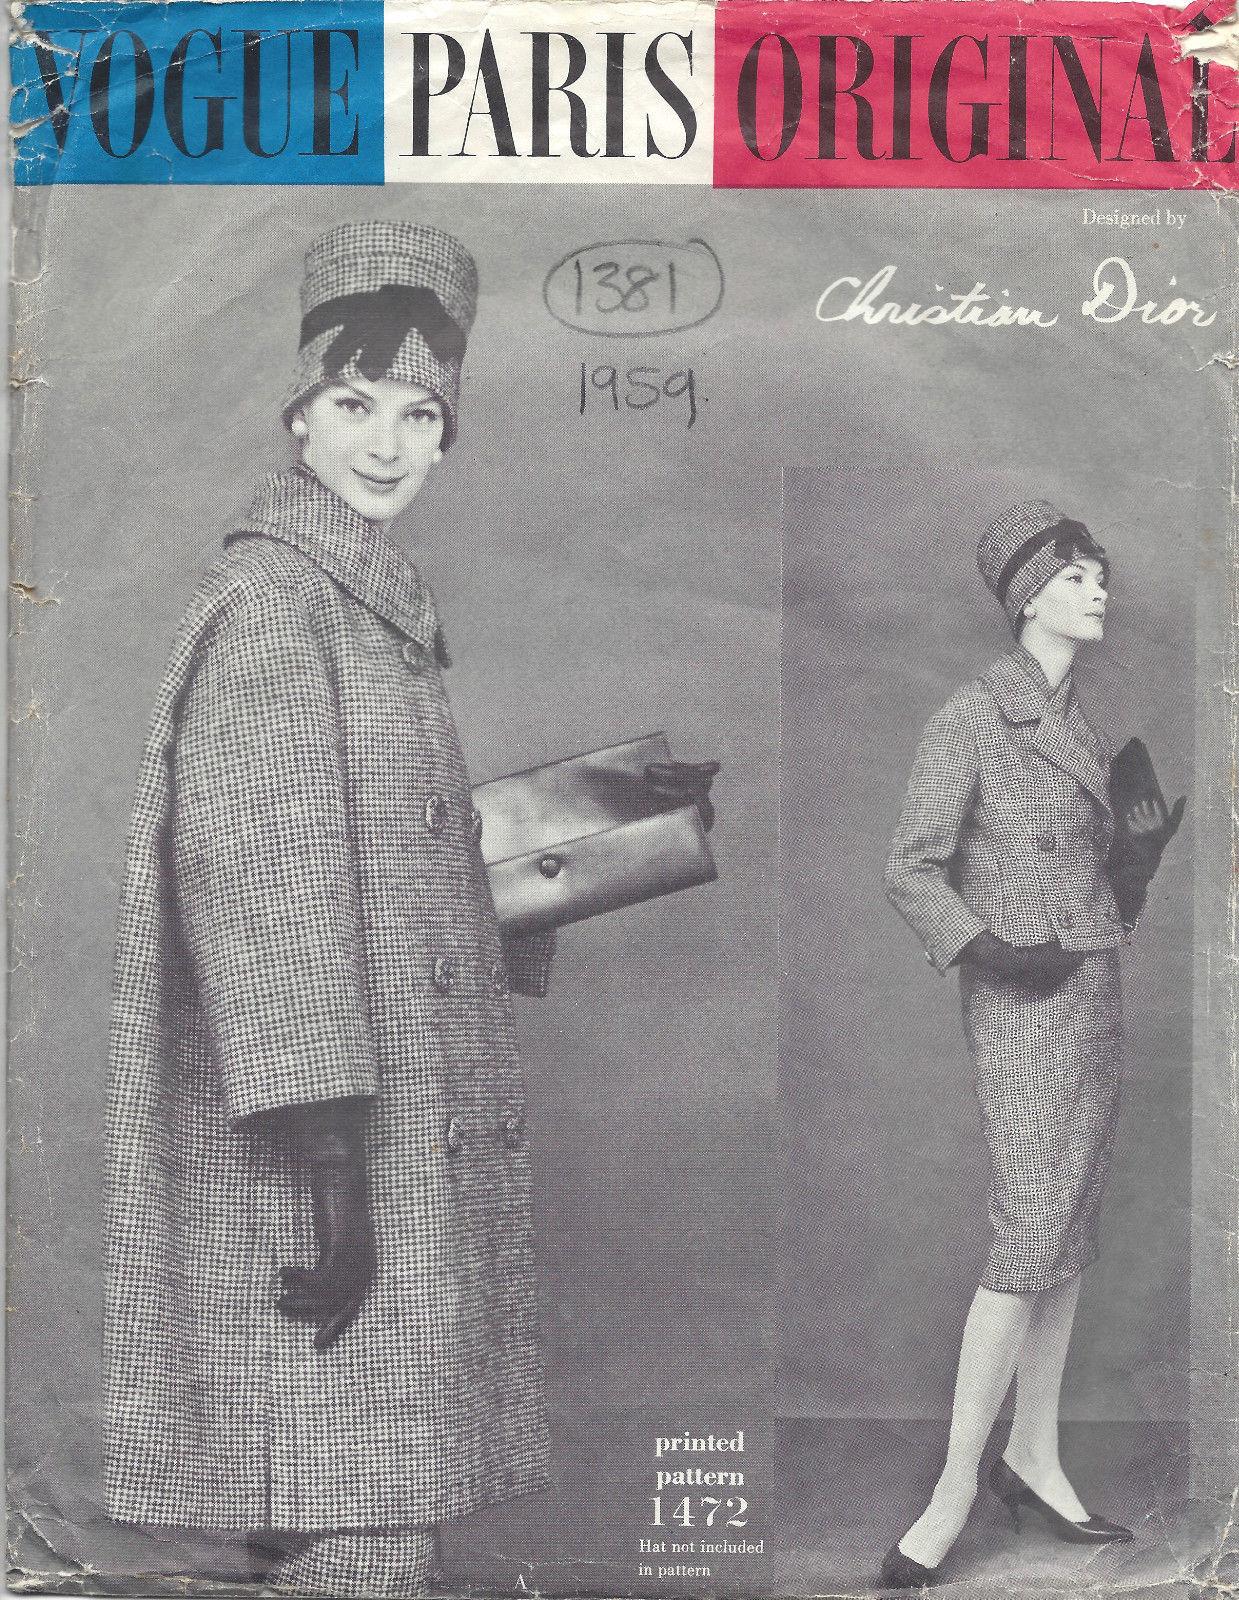 1959 Vintage Vogue Sewing Pattern B34 Suit Coat Jacket Skirt Scarf 1381 Dior The Vintage Pattern Shop